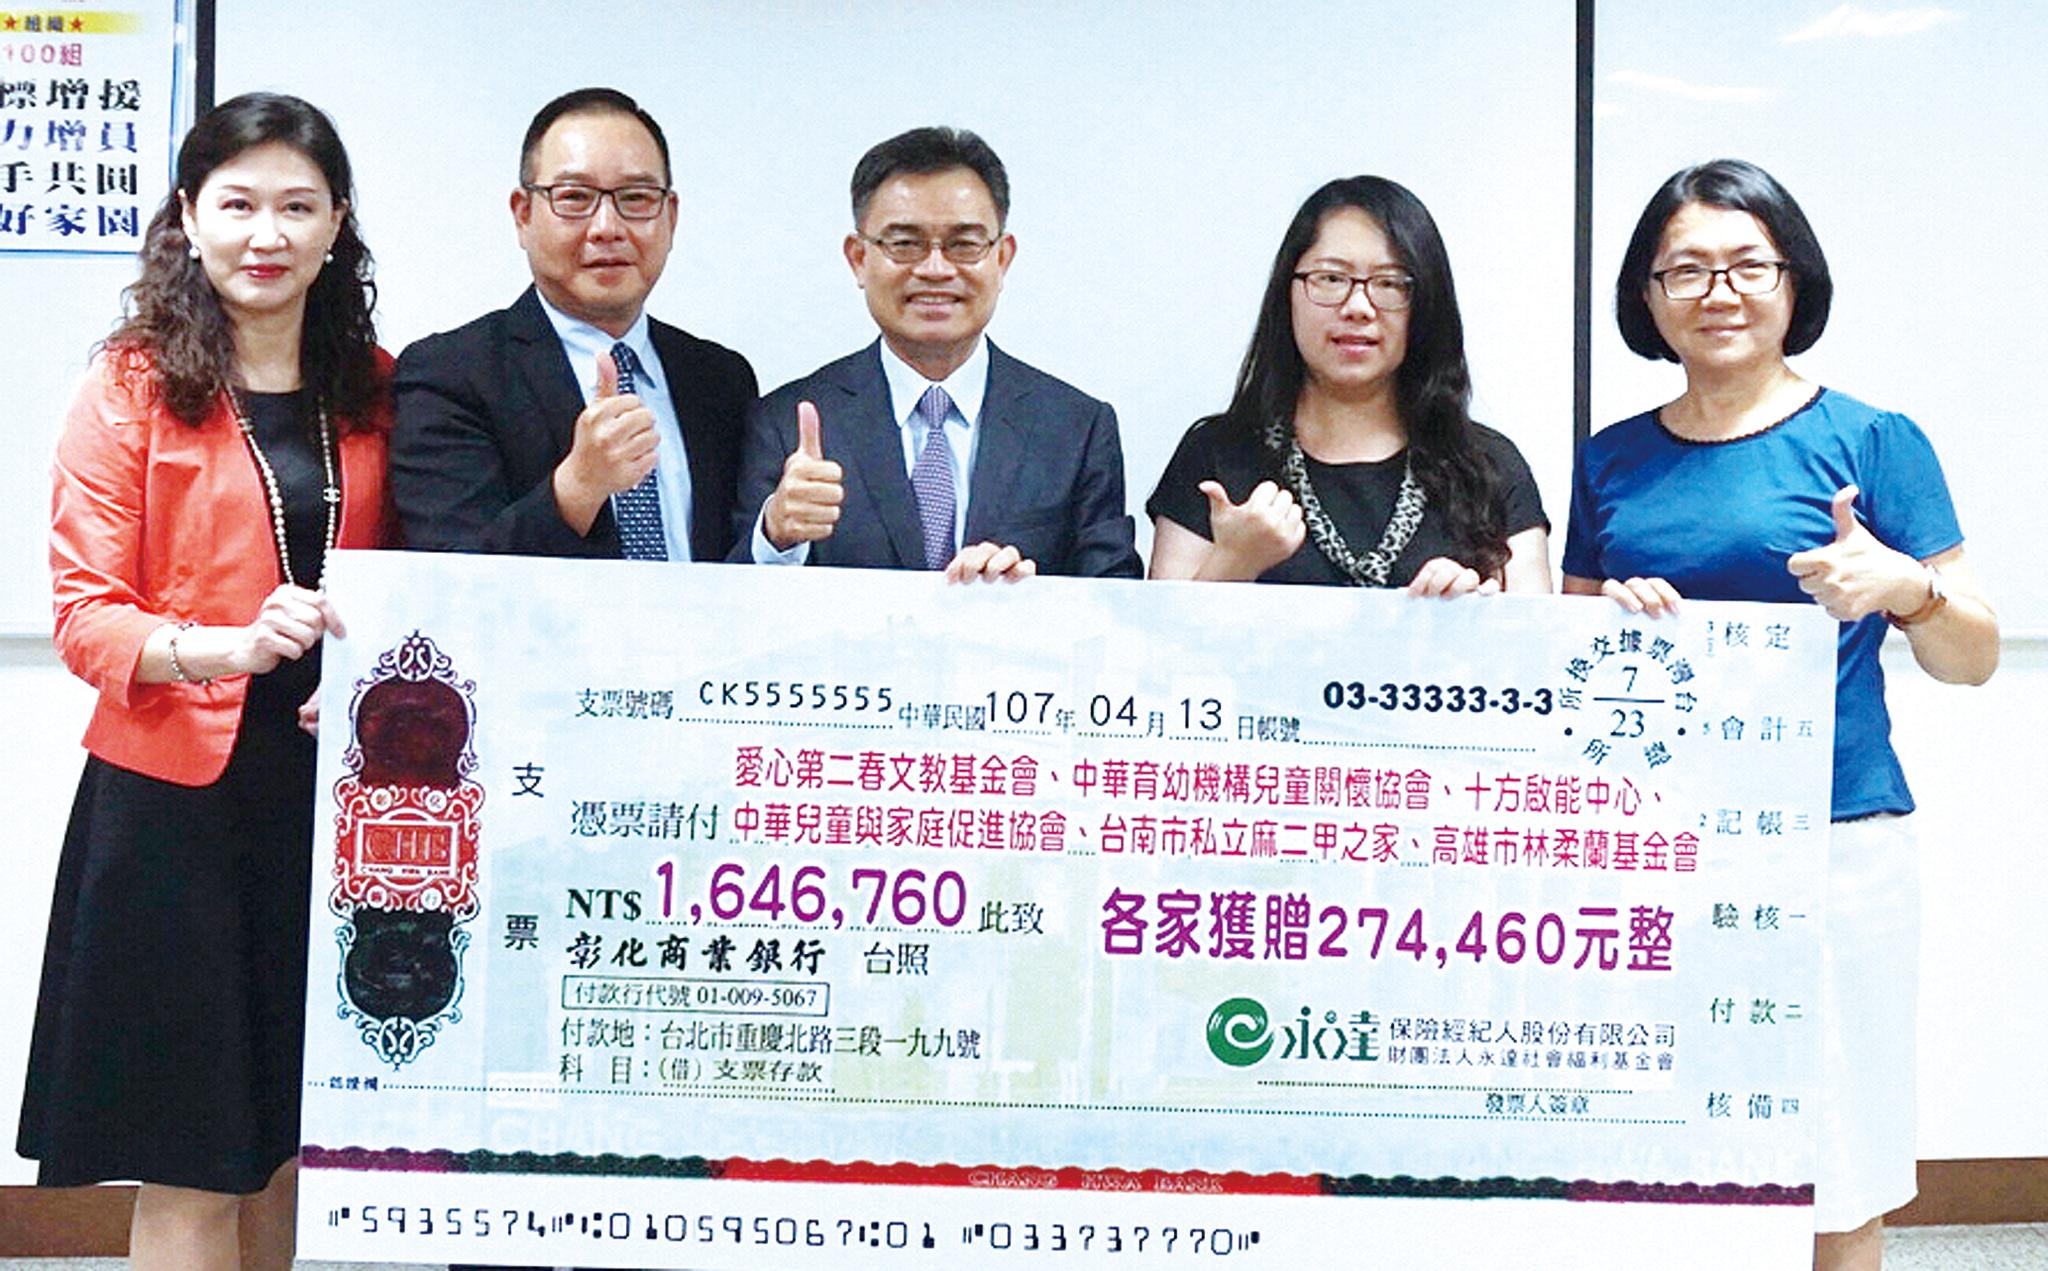 南區捐贈儀式由李世傑業務副總(中)及鄭棕銘業務籌備副總(左二)代表捐贈。